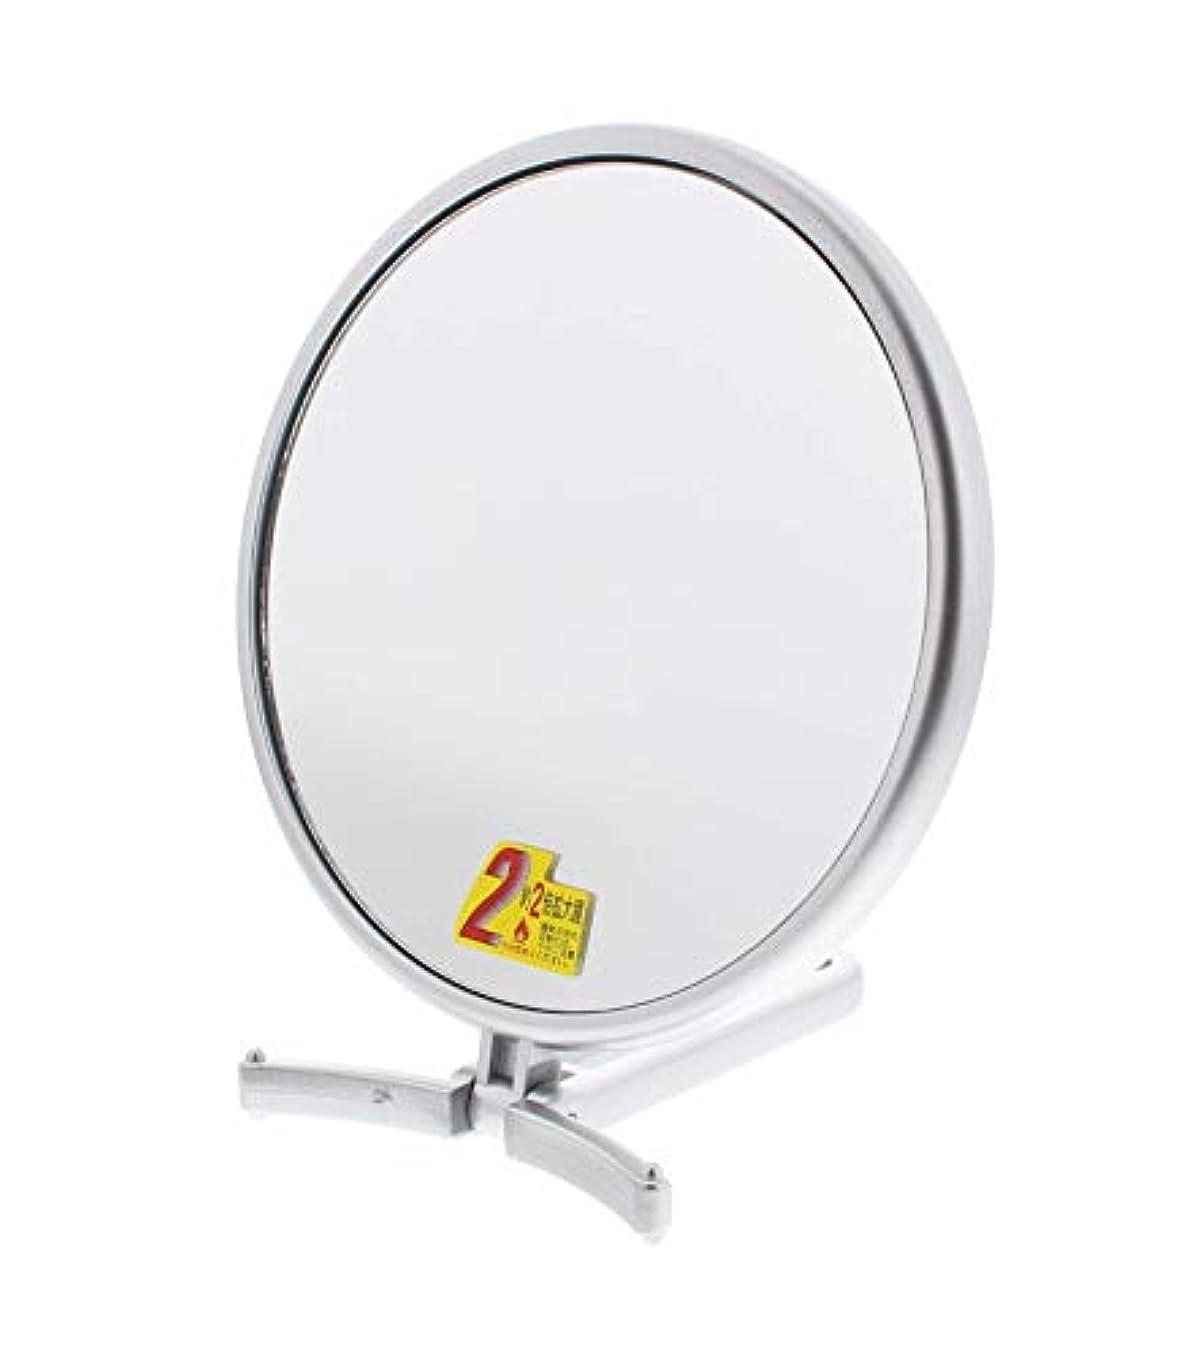 喜劇思い出す性差別メリー 片面約2倍拡大鏡付折立式ハンドミラー シルバー CH-7740